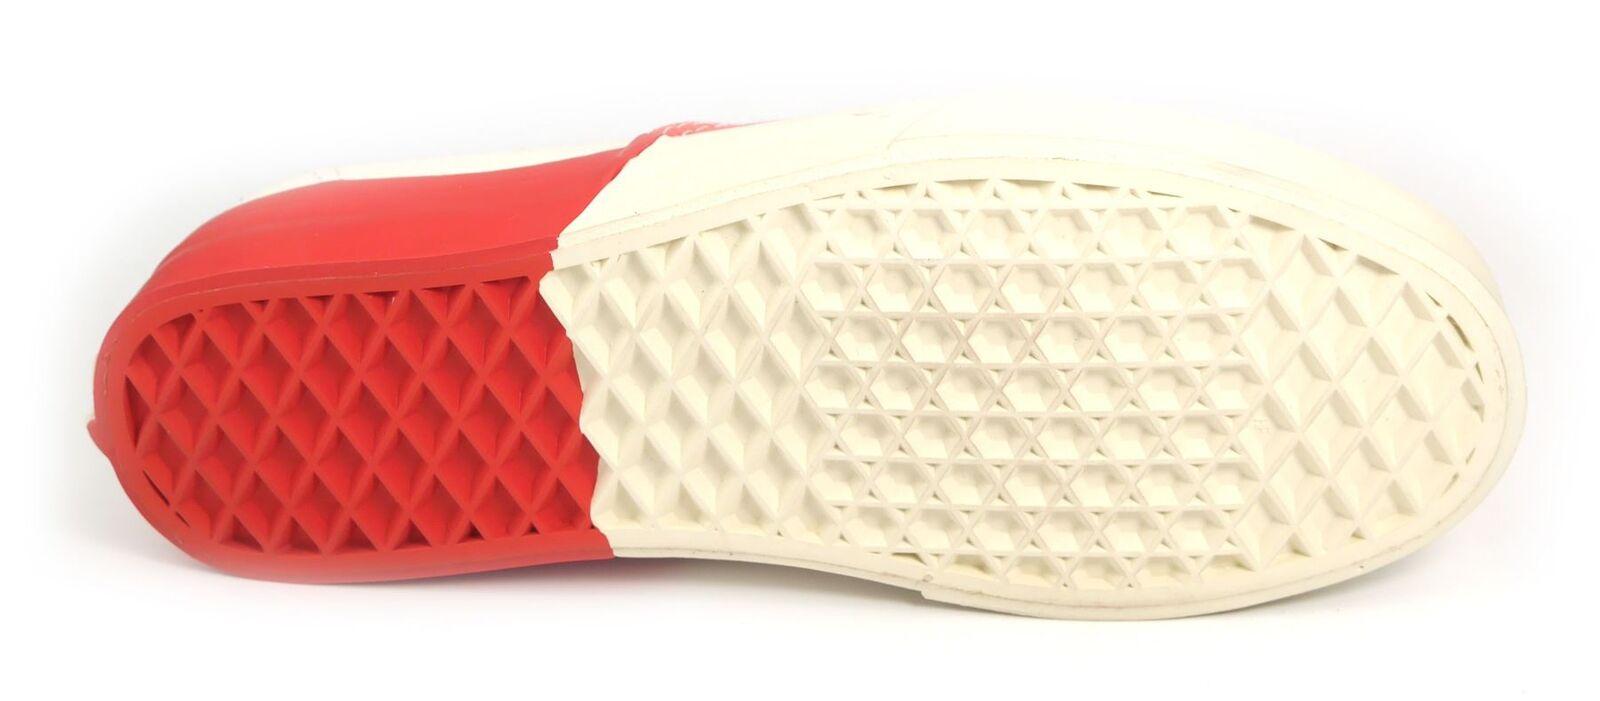 Vans vnoa Authentic 38 esms 6 UA Authentic vnoa DX (bloqué) Blanc Classique Rouge Blanc 72fa28